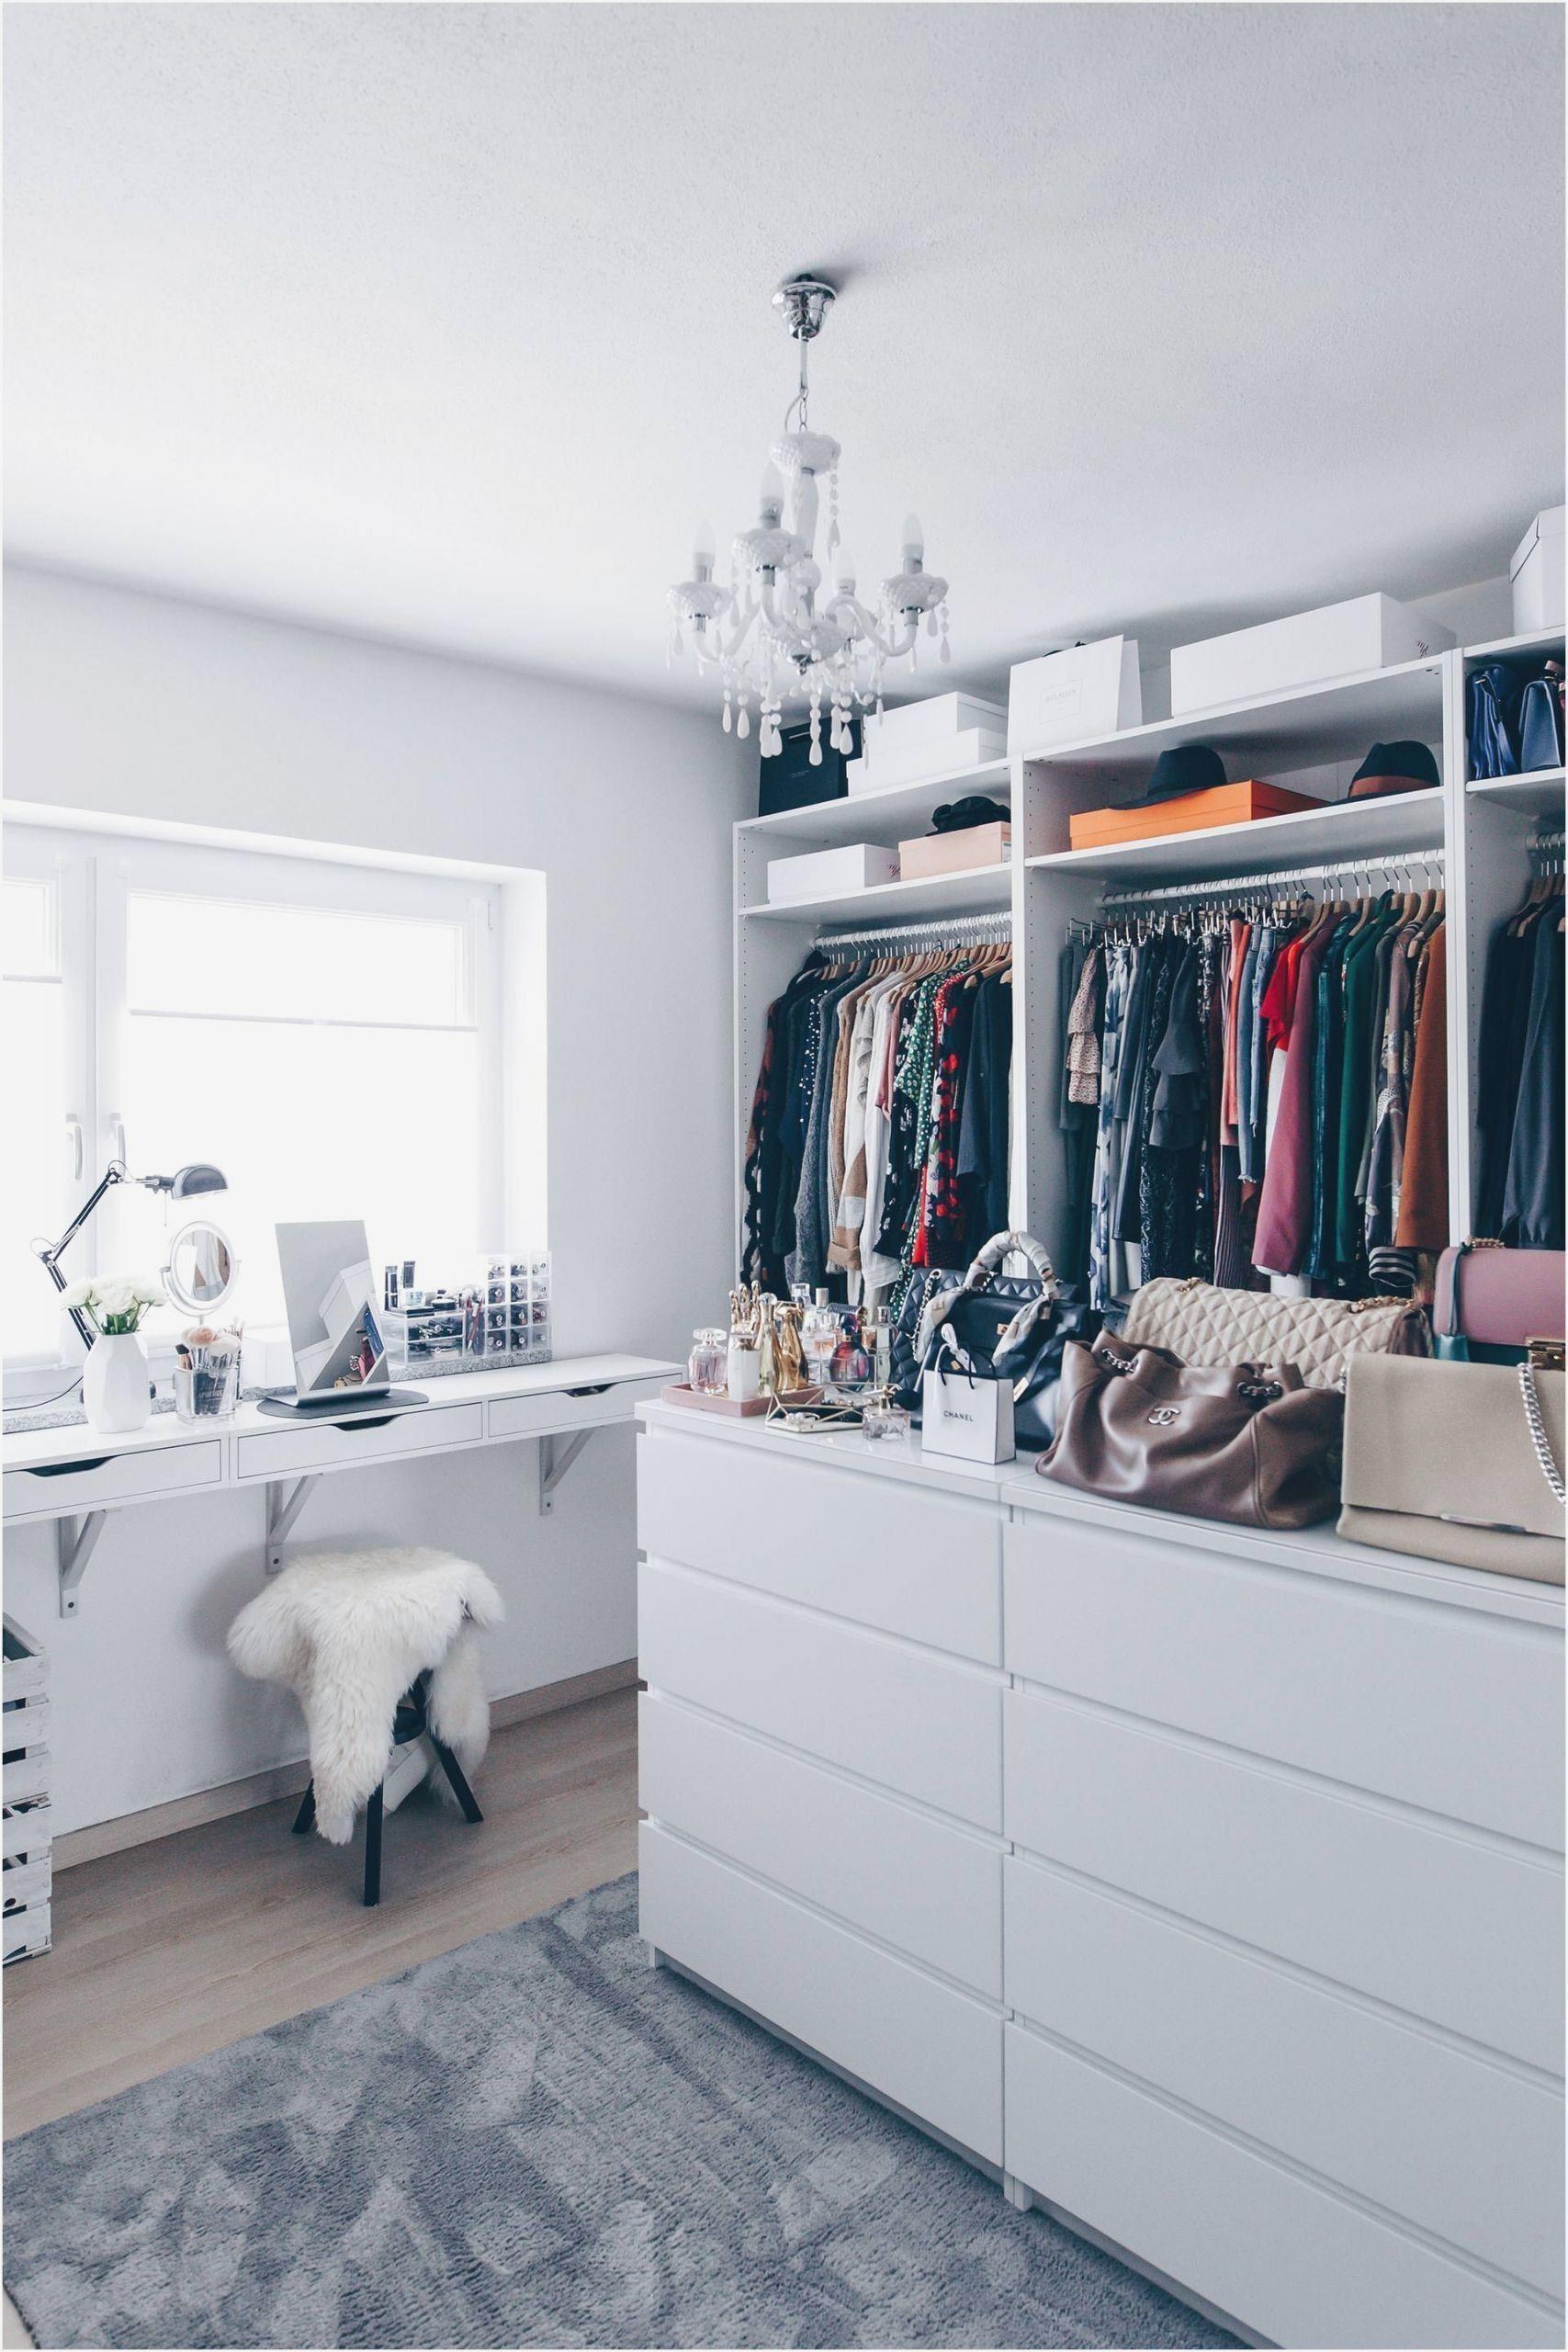 Ankleidezimmer Ideen Kleines Ikea Kleiderschrank Fur Kleines Zimmer In 2020 Ankleide Zimmer Ankleidezimmer Planen Ankleide